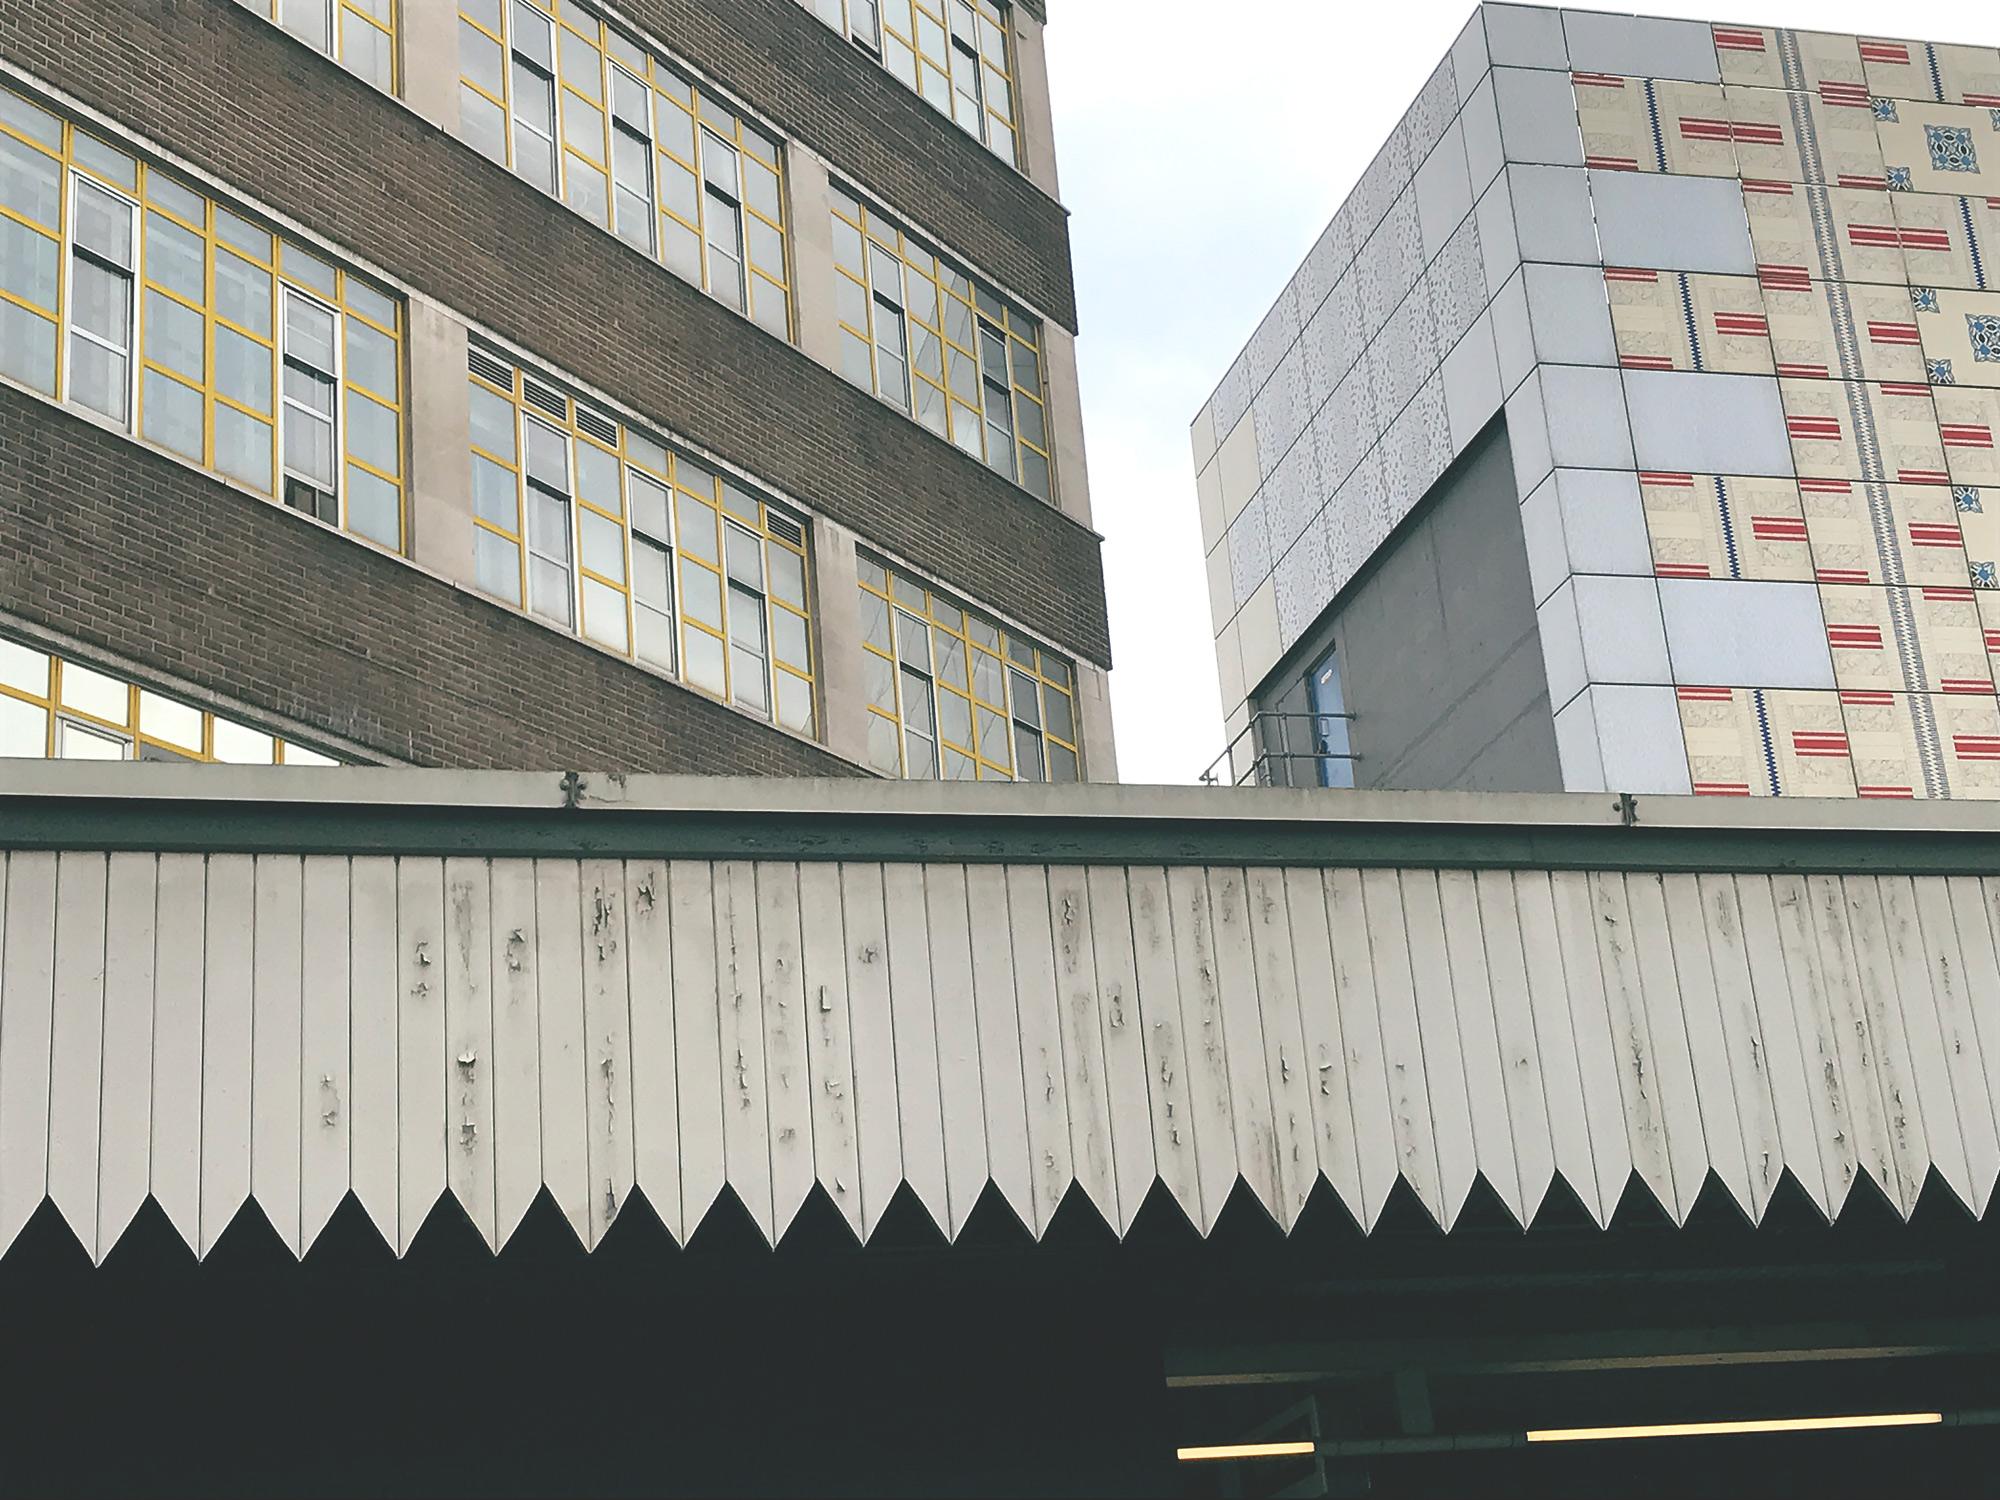 Edgware tube station.